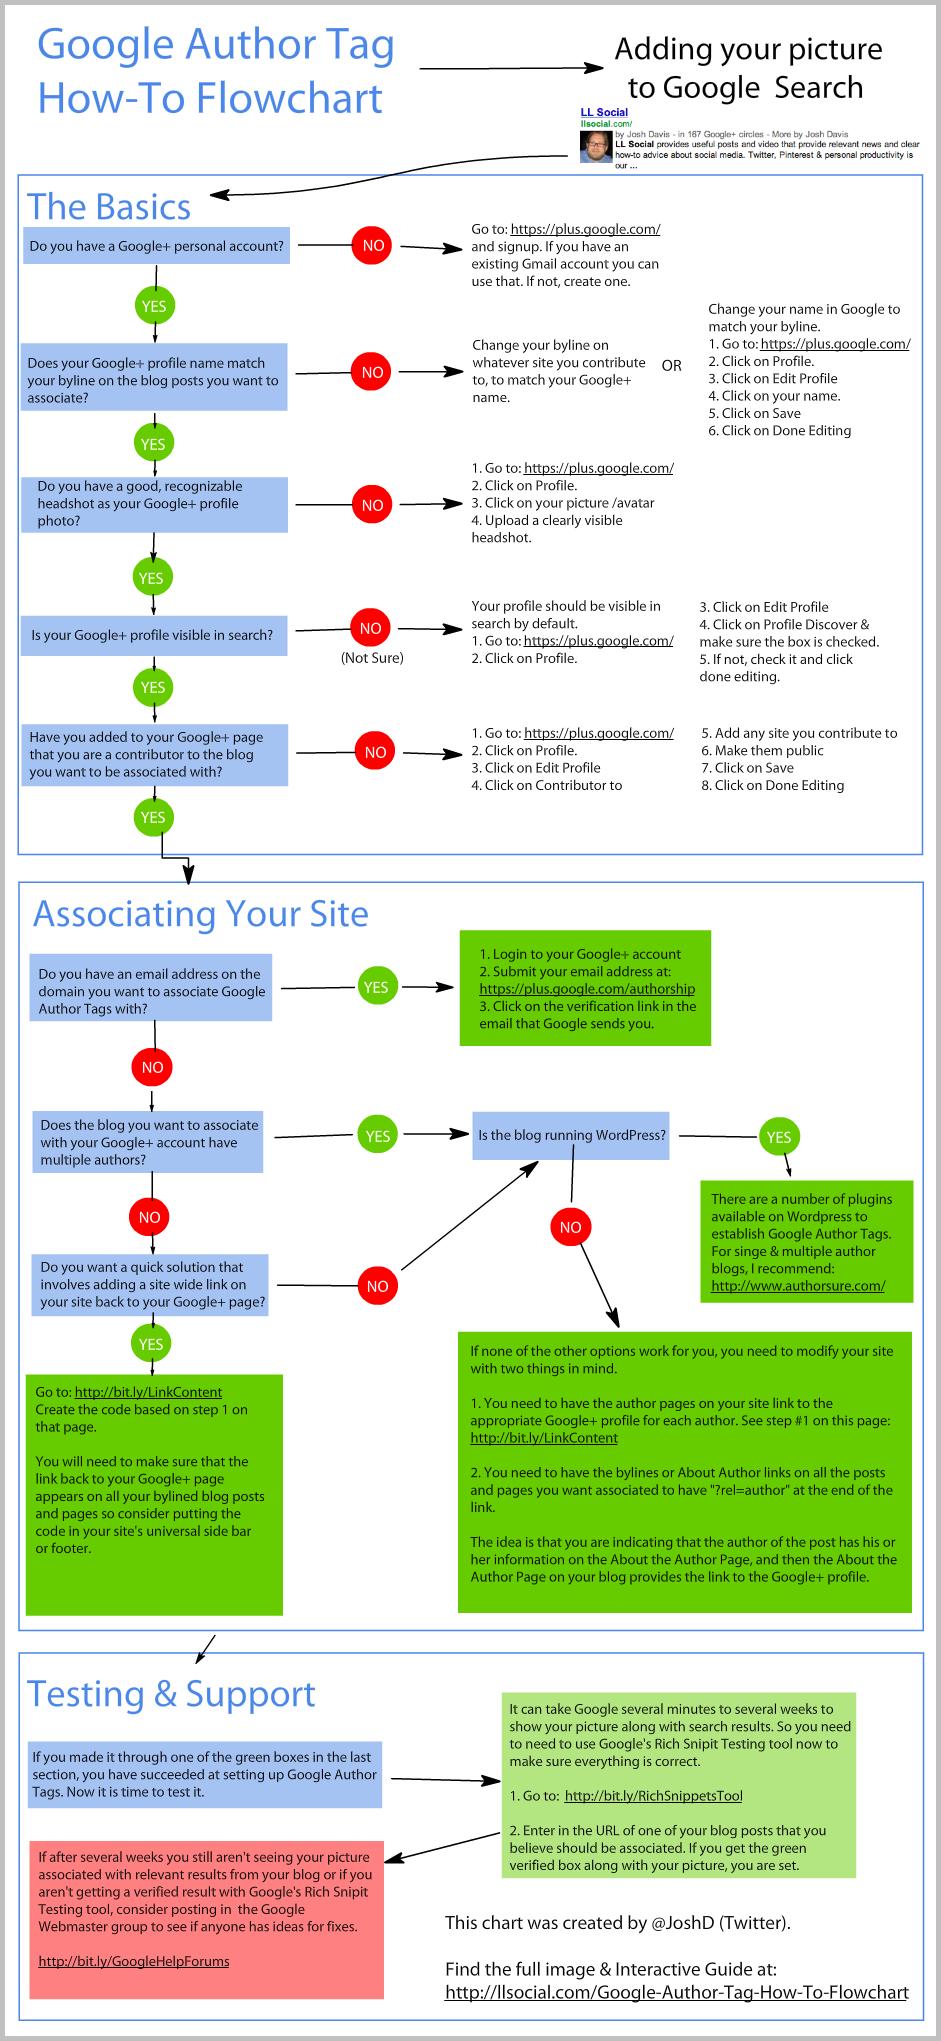 Google Tag Manager - marketingplatform.google.com